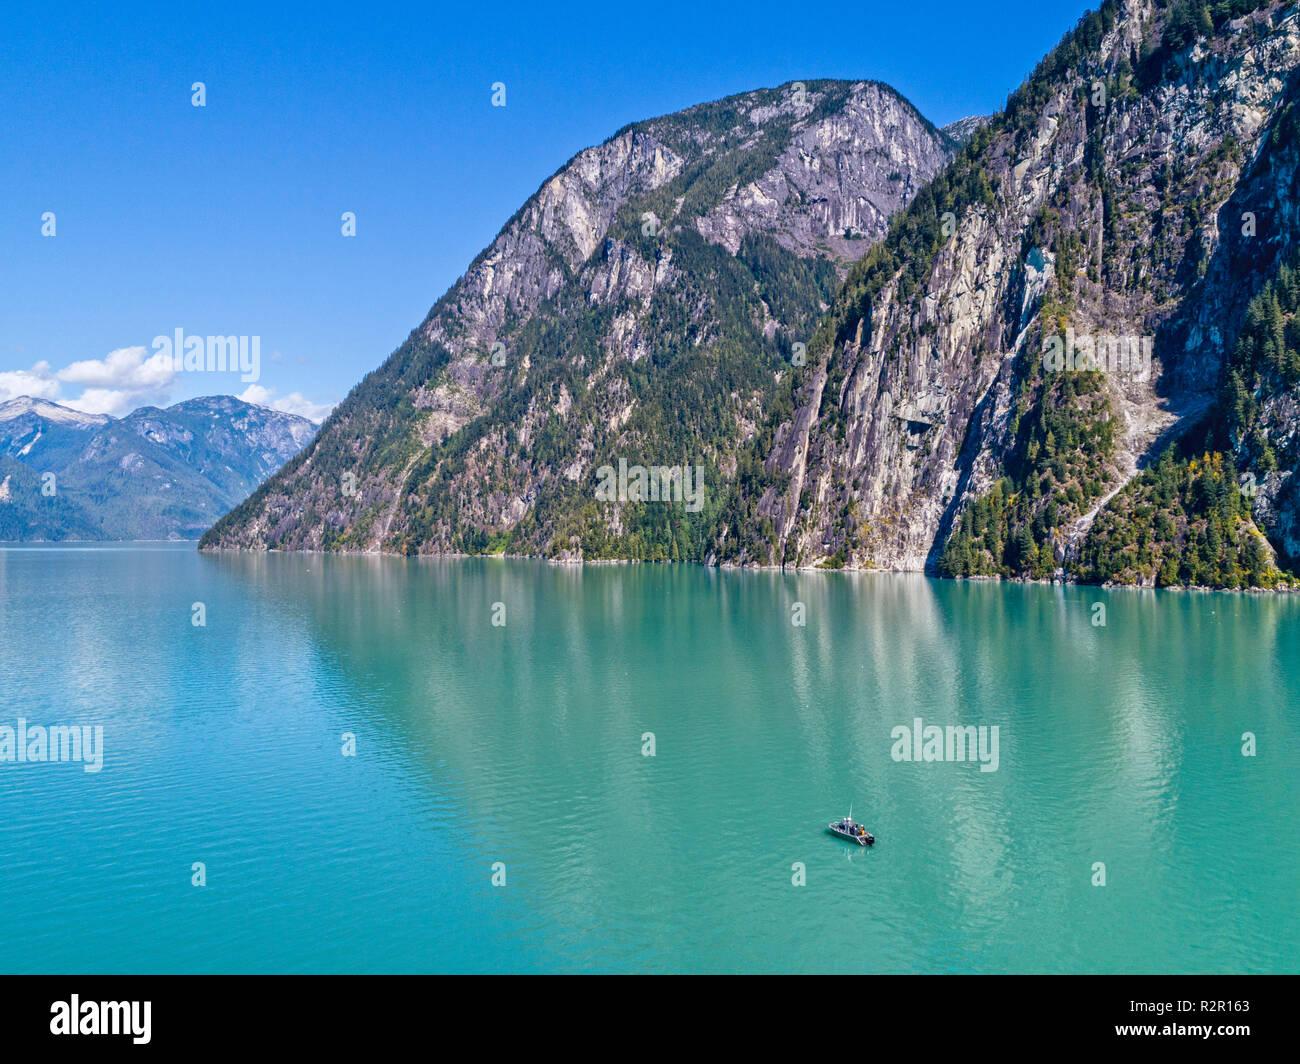 """Barco 'Ambient Light"""", la isla de Vancouver recorridos fotográficos, en el Knight Inlet, Territorio de las Primeras Naciones, British Columbia, Canadá Imagen De Stock"""